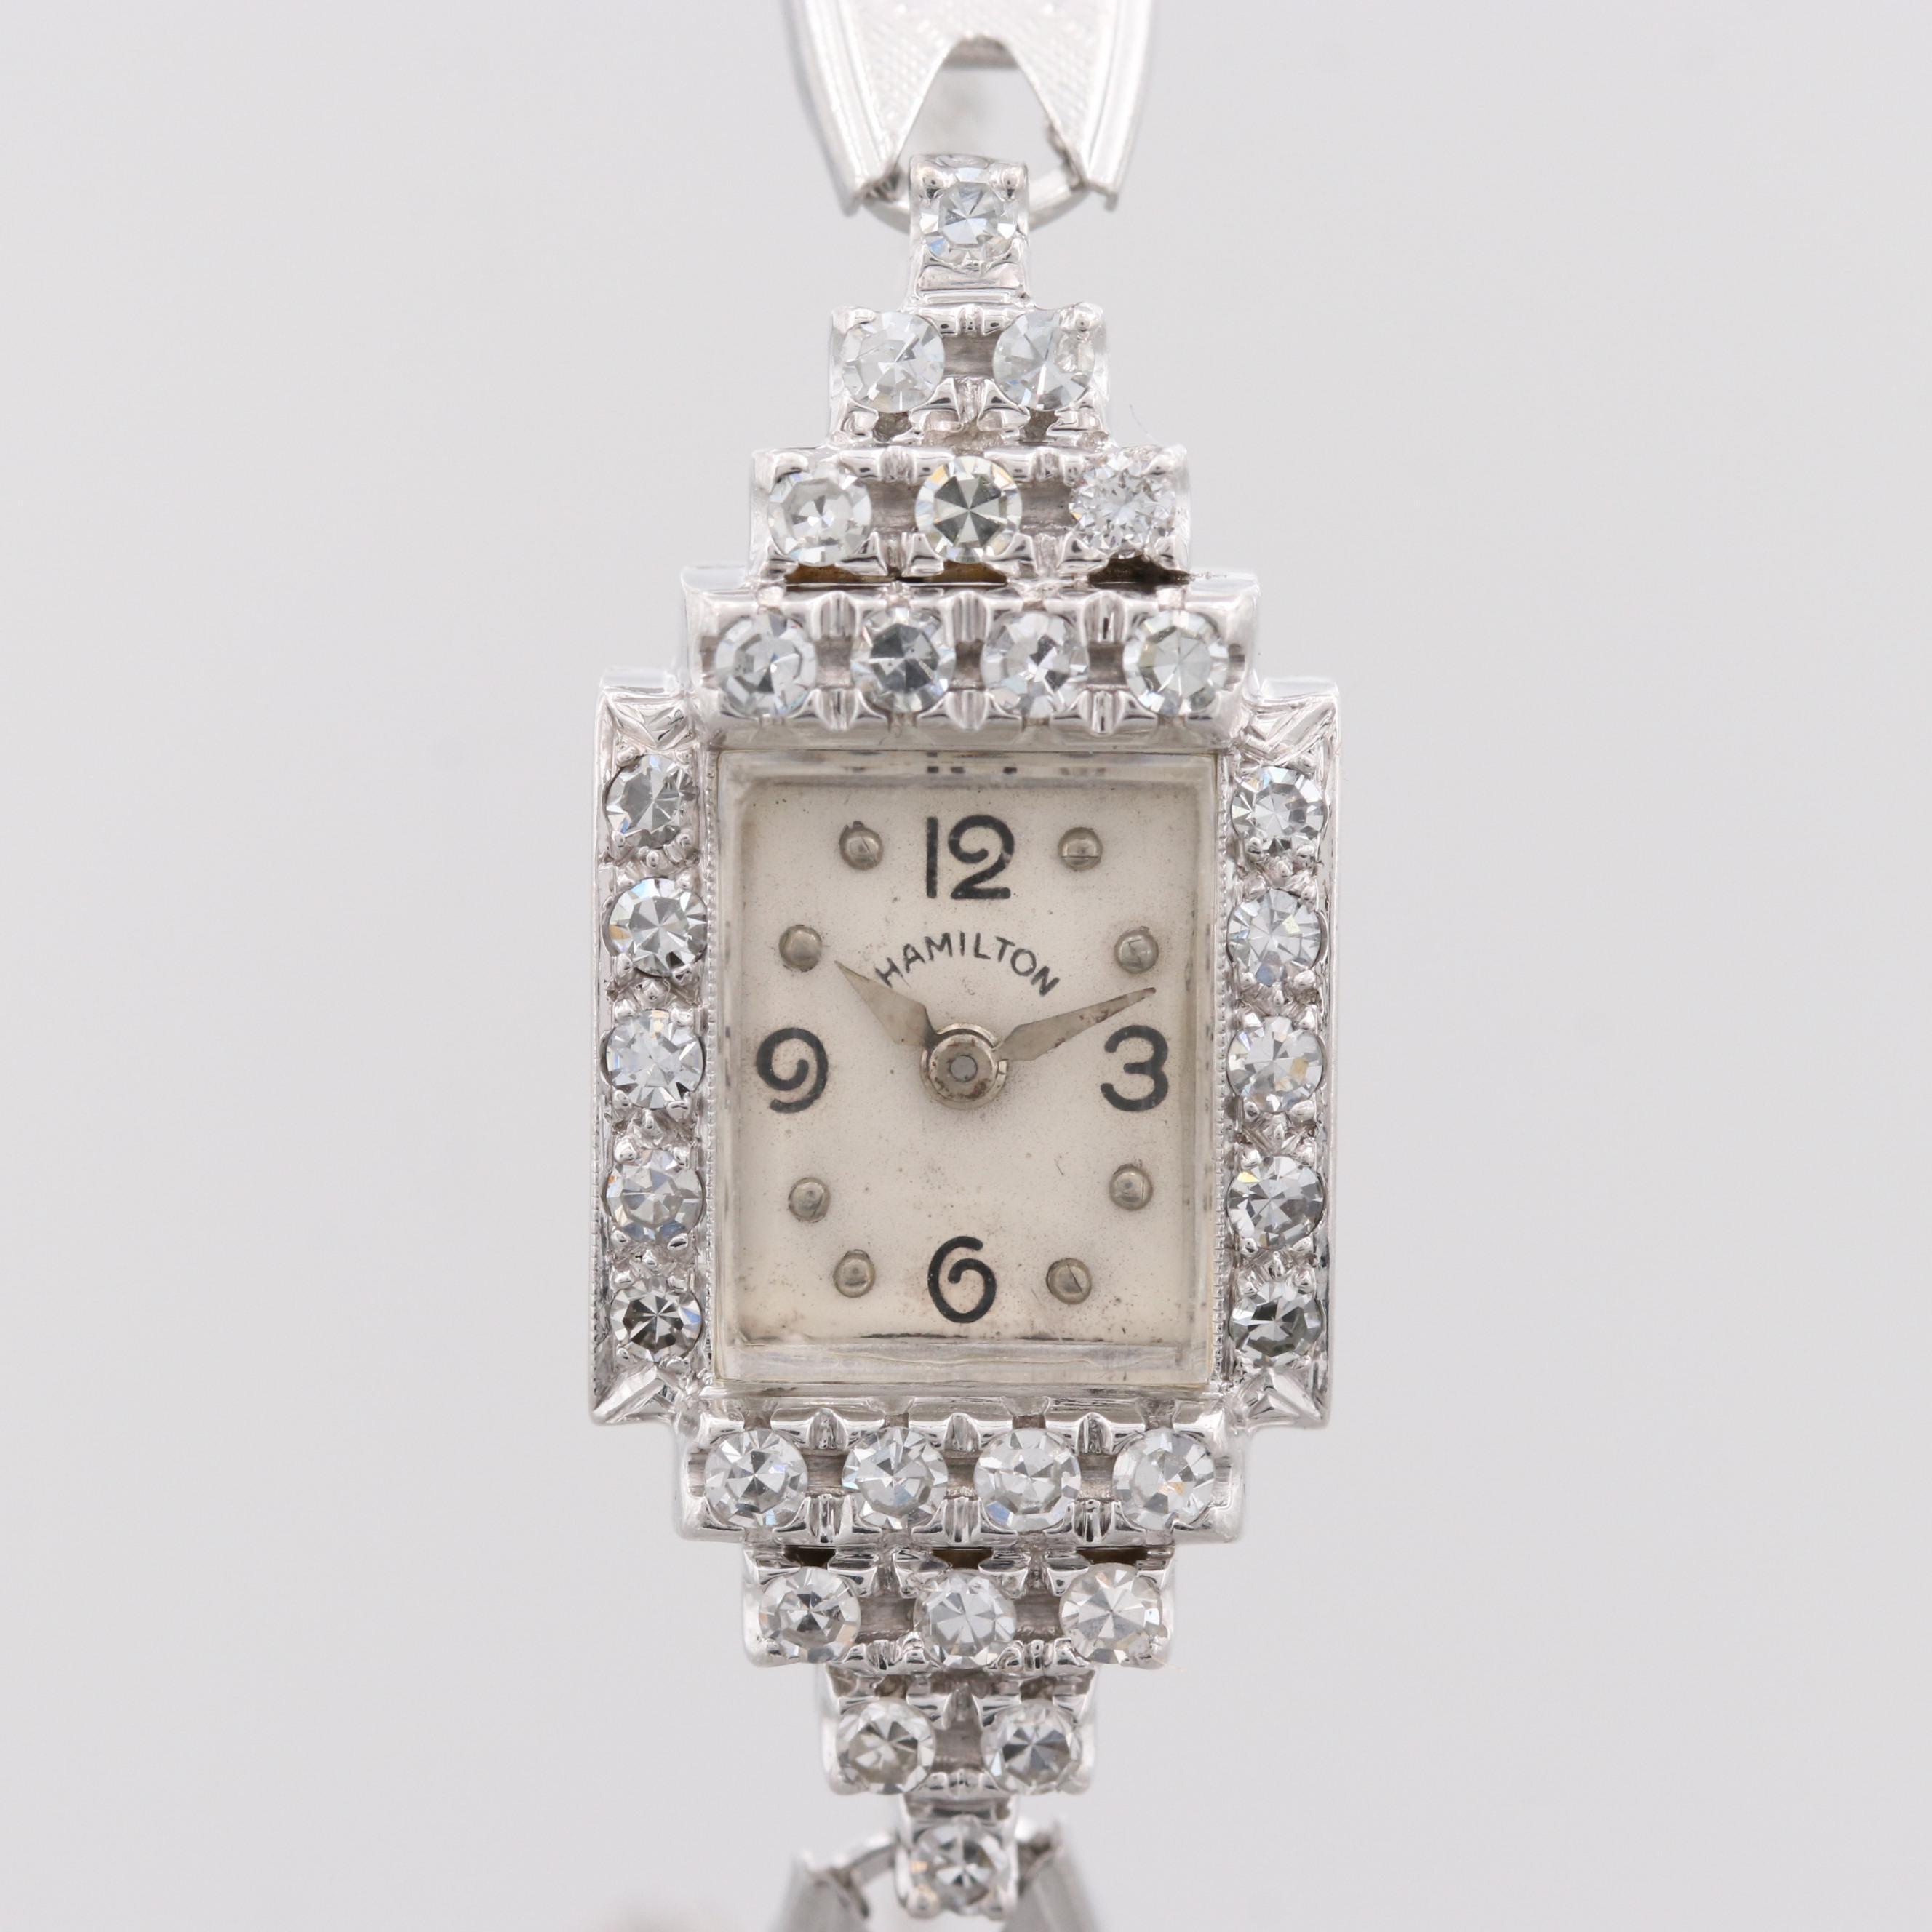 Hamilton 1.00 CTW Diamond and 14K White Gold Wristwatch